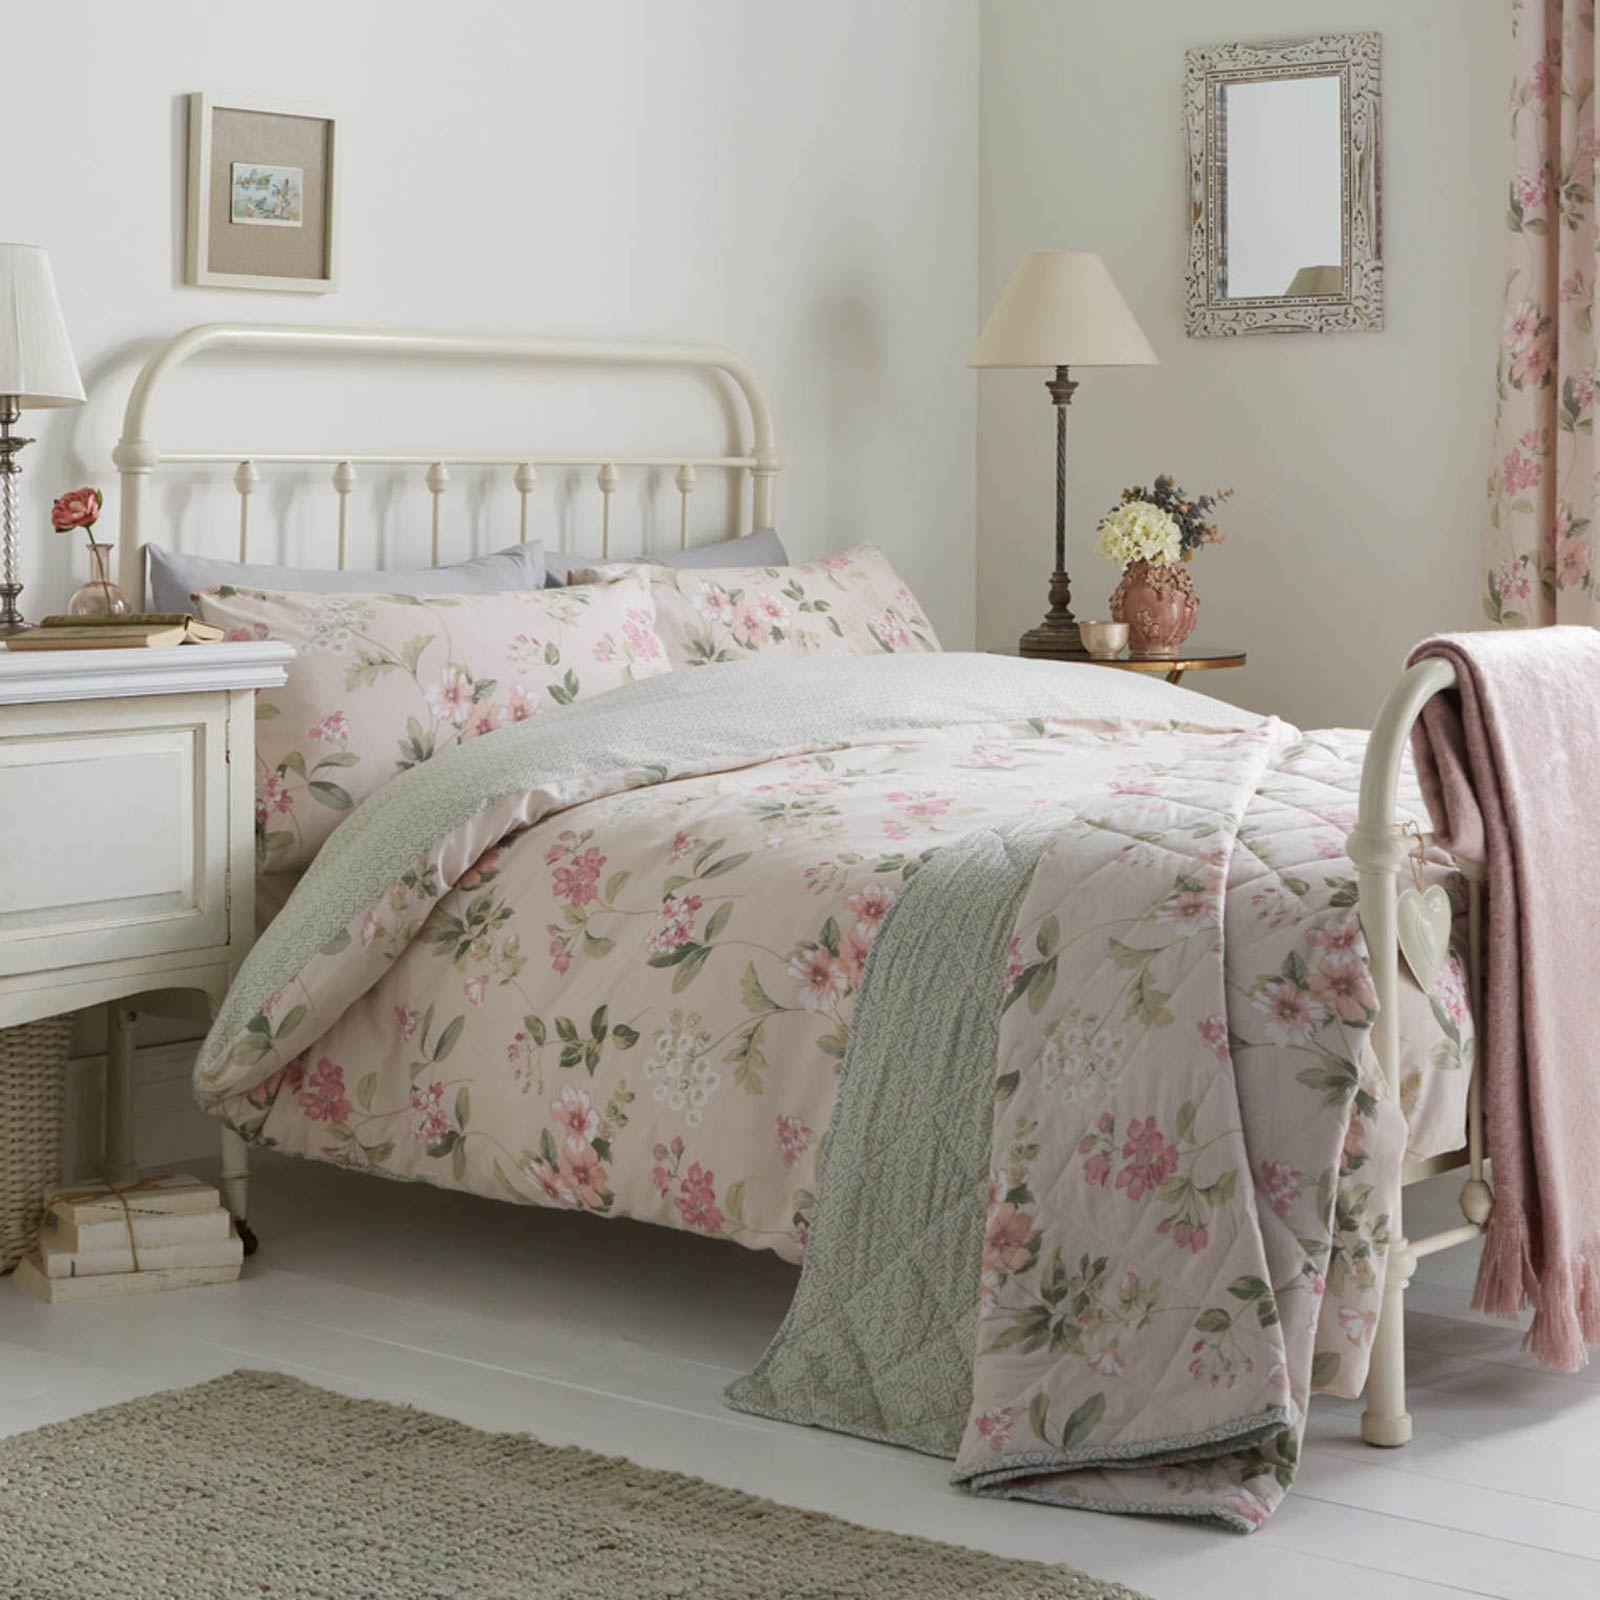 Floral-Fundas-nordicas-Lorena-Vintage-Estampado-De-Flores-conjuntos-de-ropa-de-cama-de-edredon-de miniatura 5